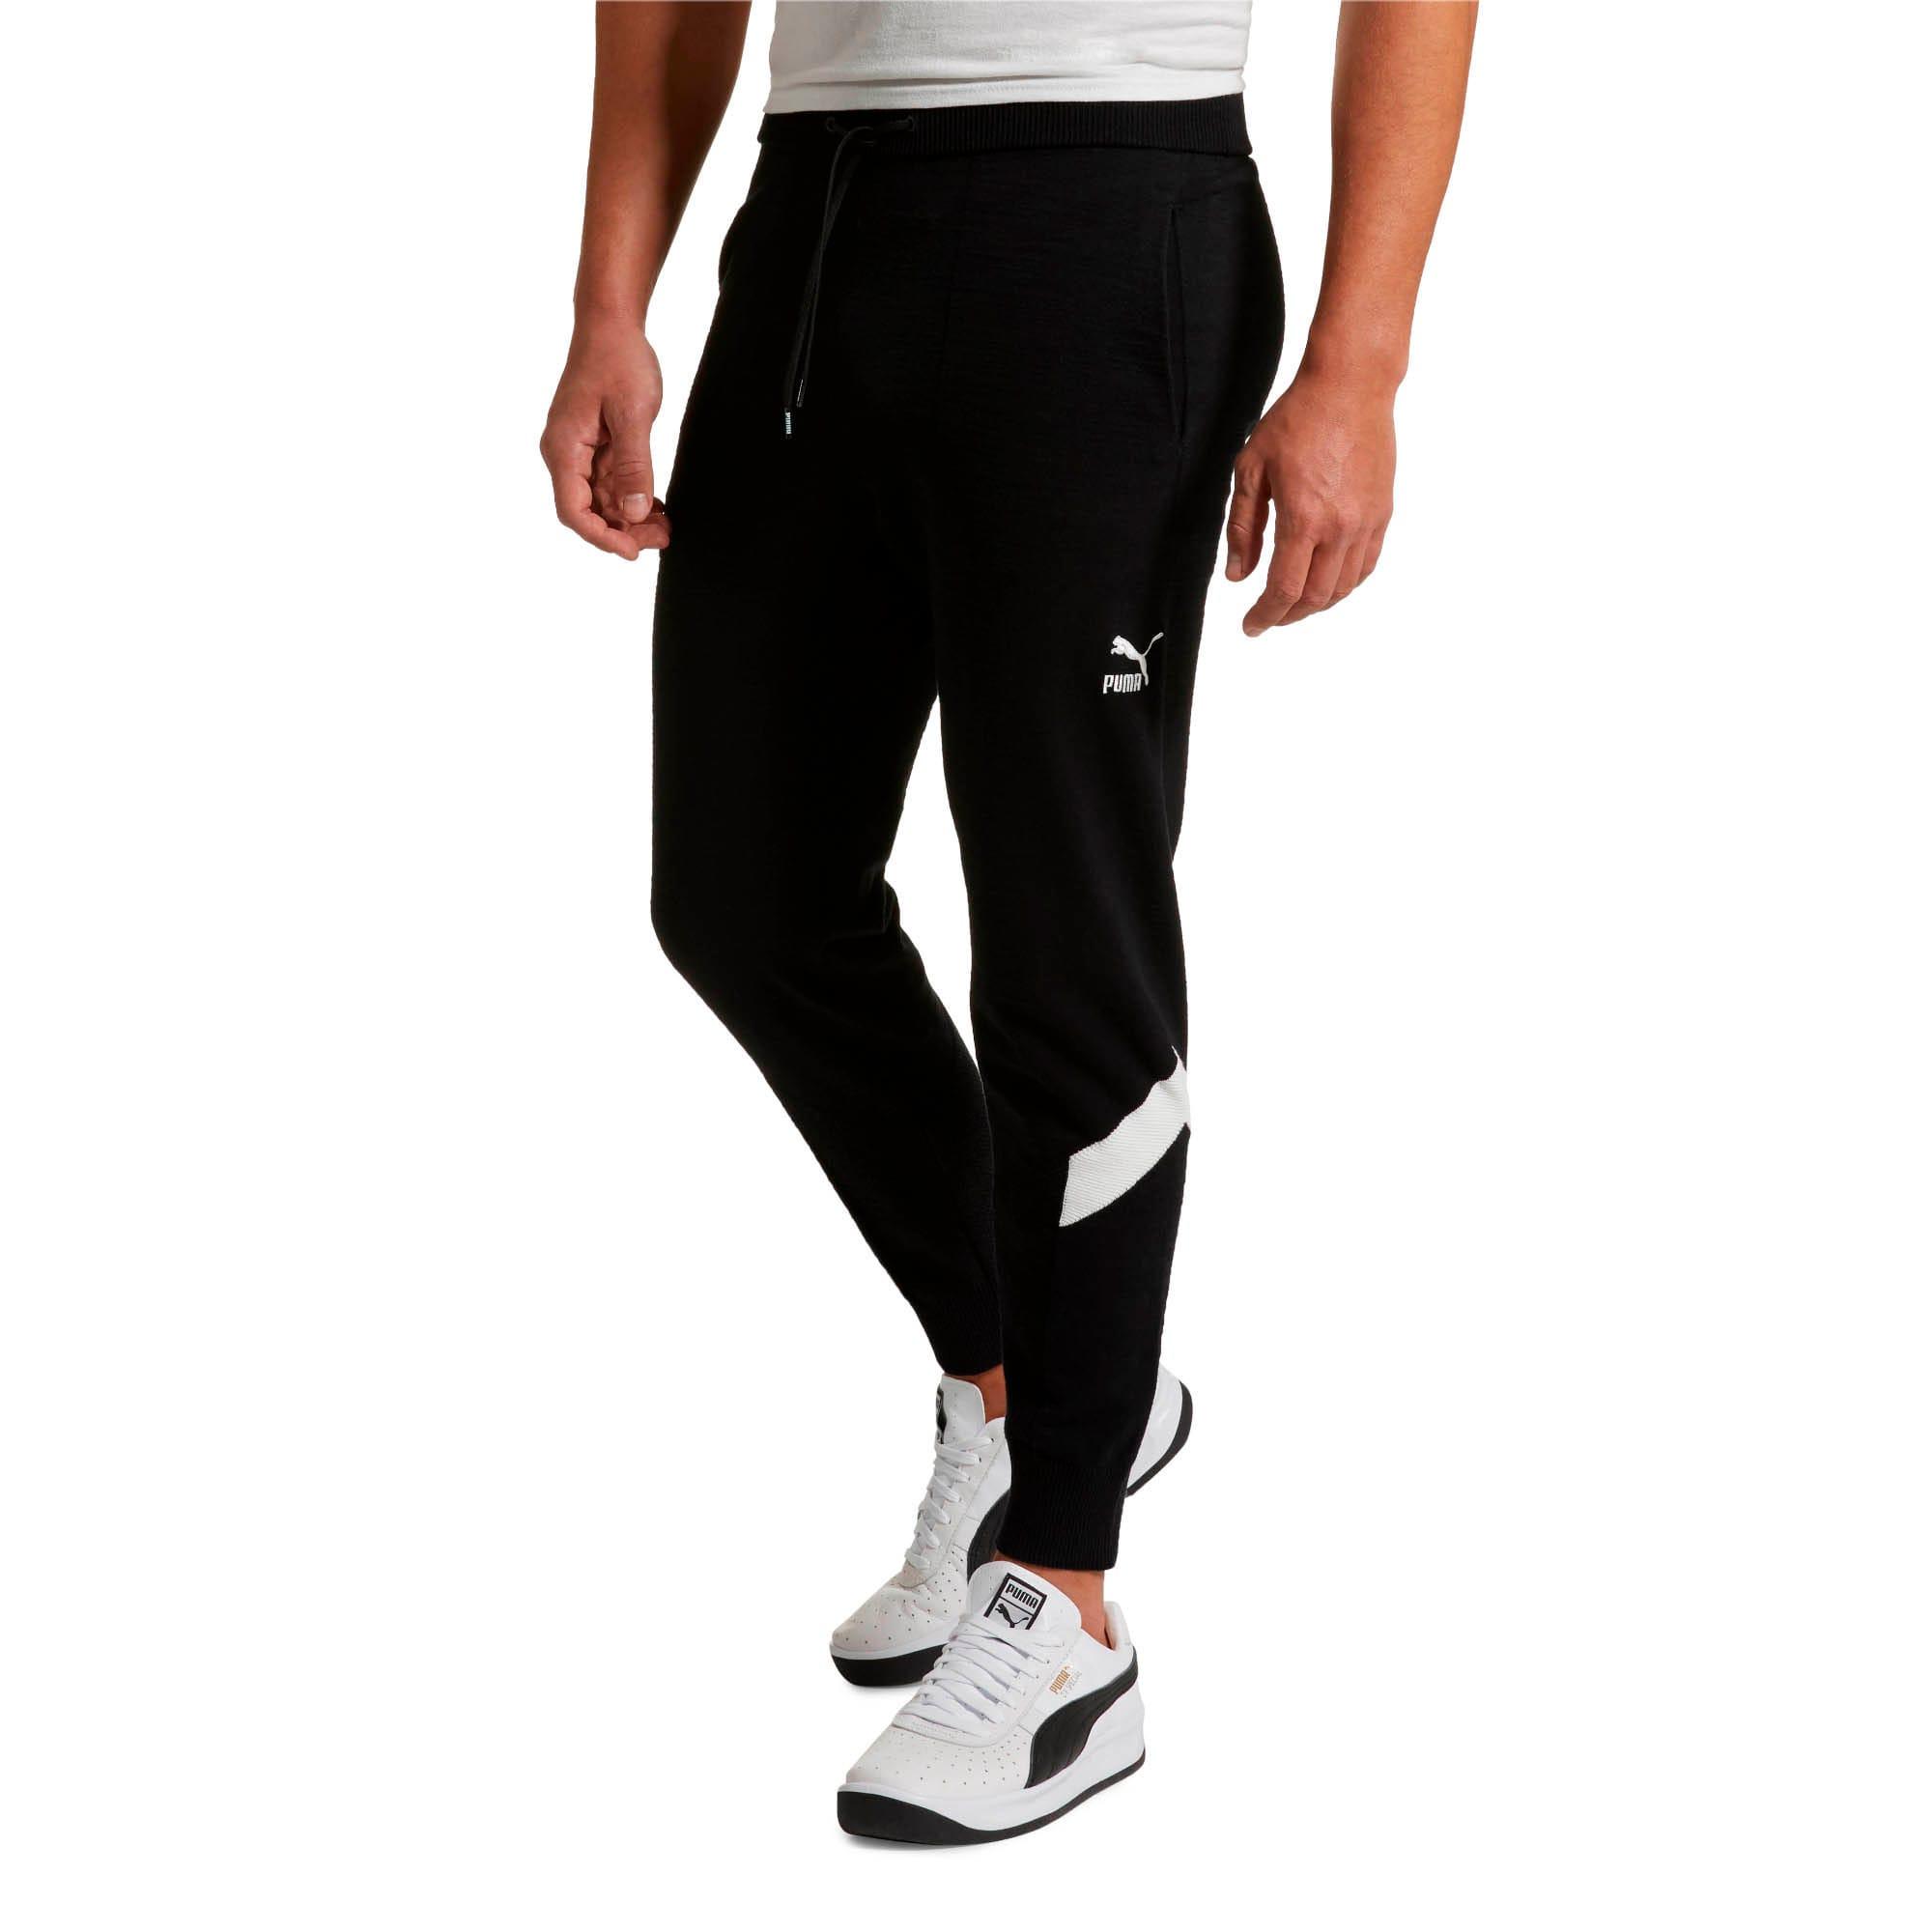 Thumbnail 2 of Iconic MCS Men's evoKNIT Pants, Puma Black, medium